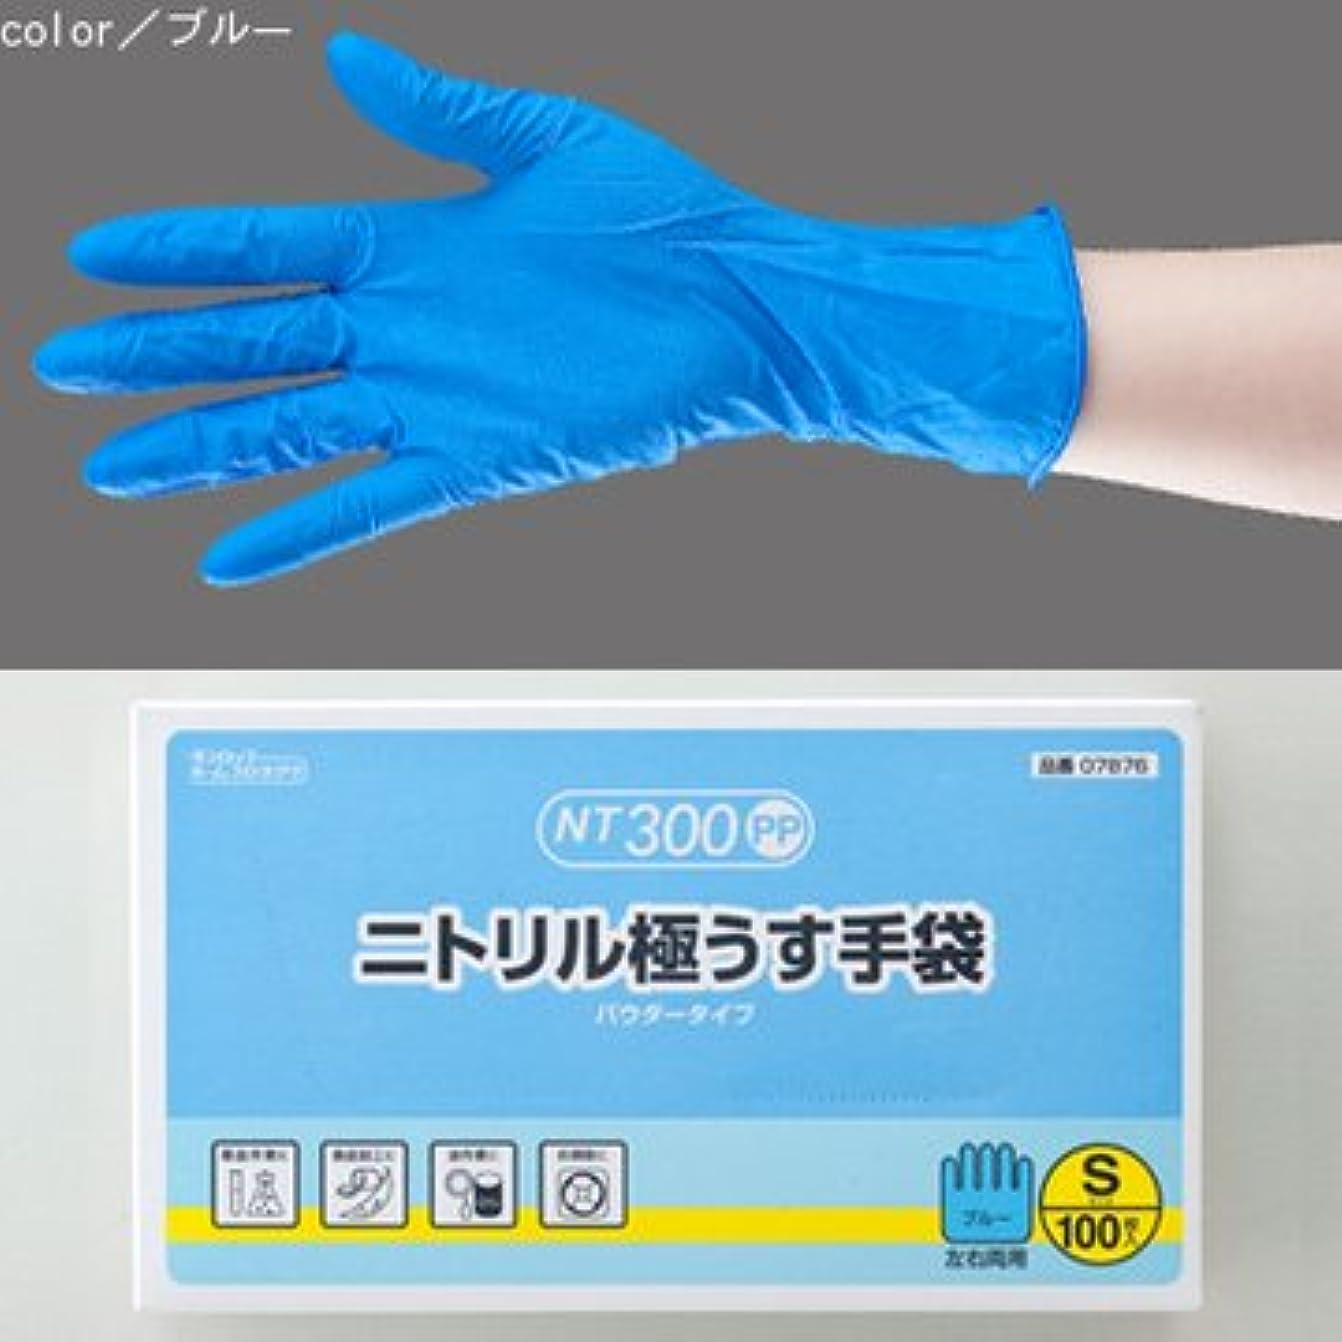 カリング水素こだわりニトリル極うす手袋 NT300PP 100枚入り (SS)